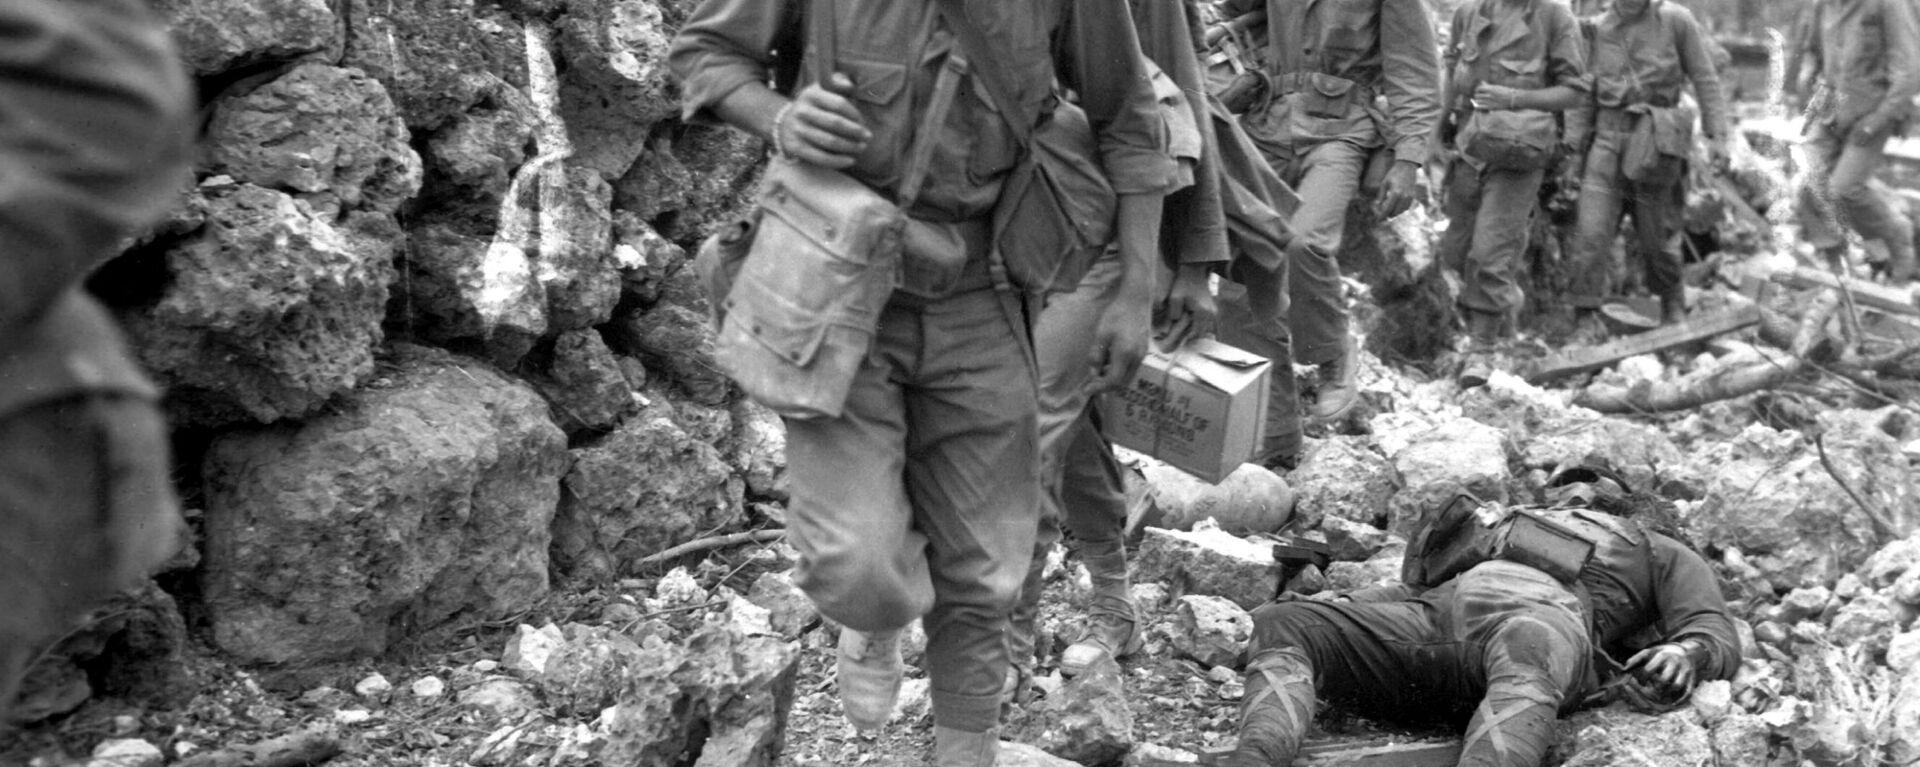 Bitka za Okinavu 1945. godine - Sputnik Srbija, 1920, 02.09.2021